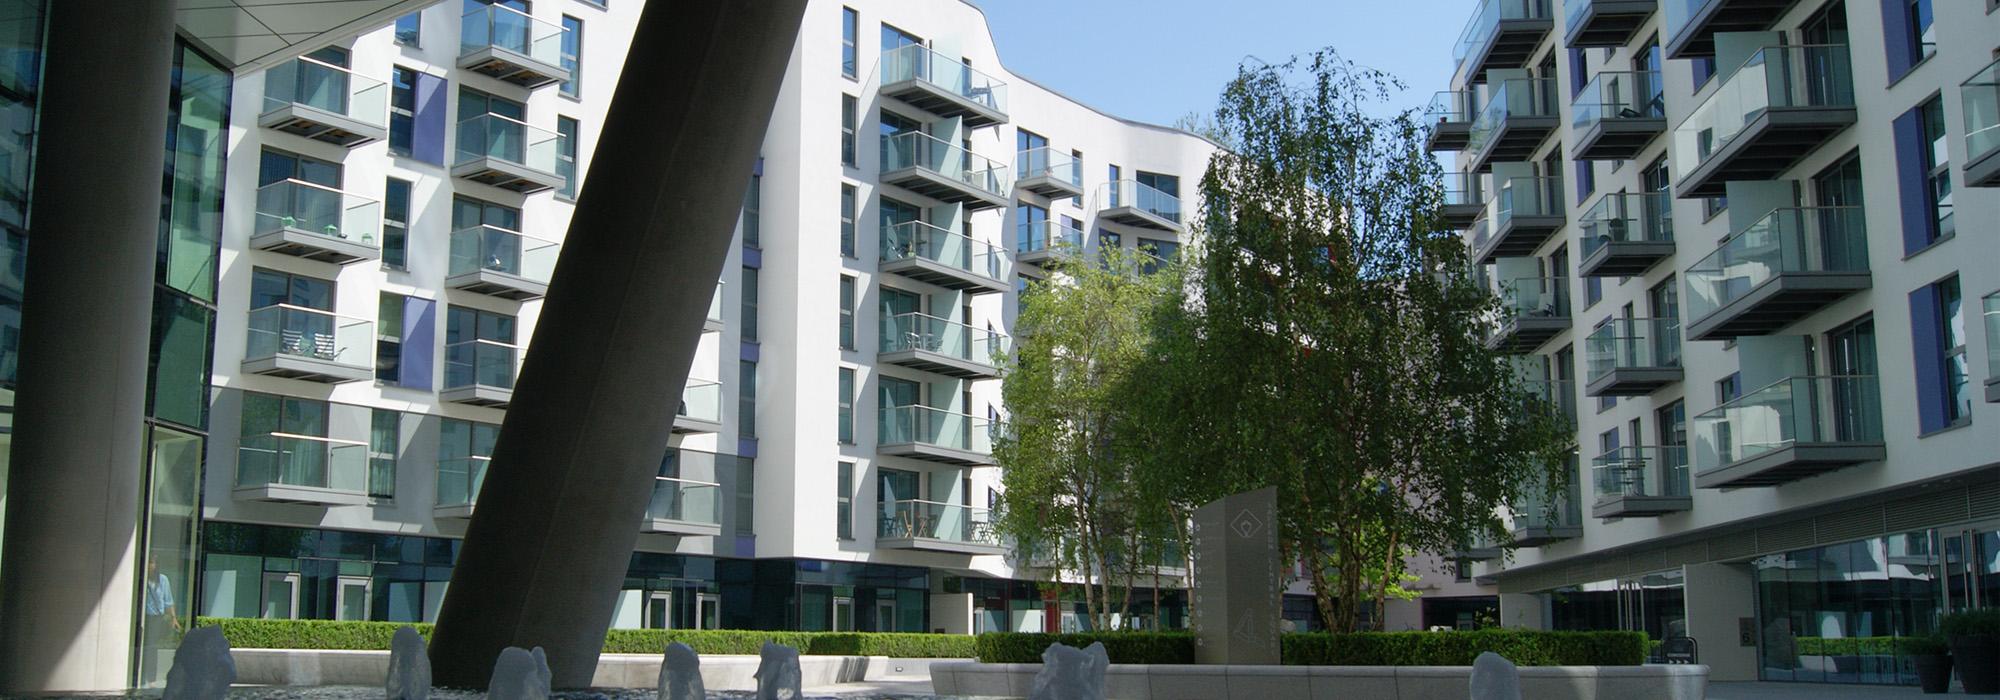 HNF_slider_residential